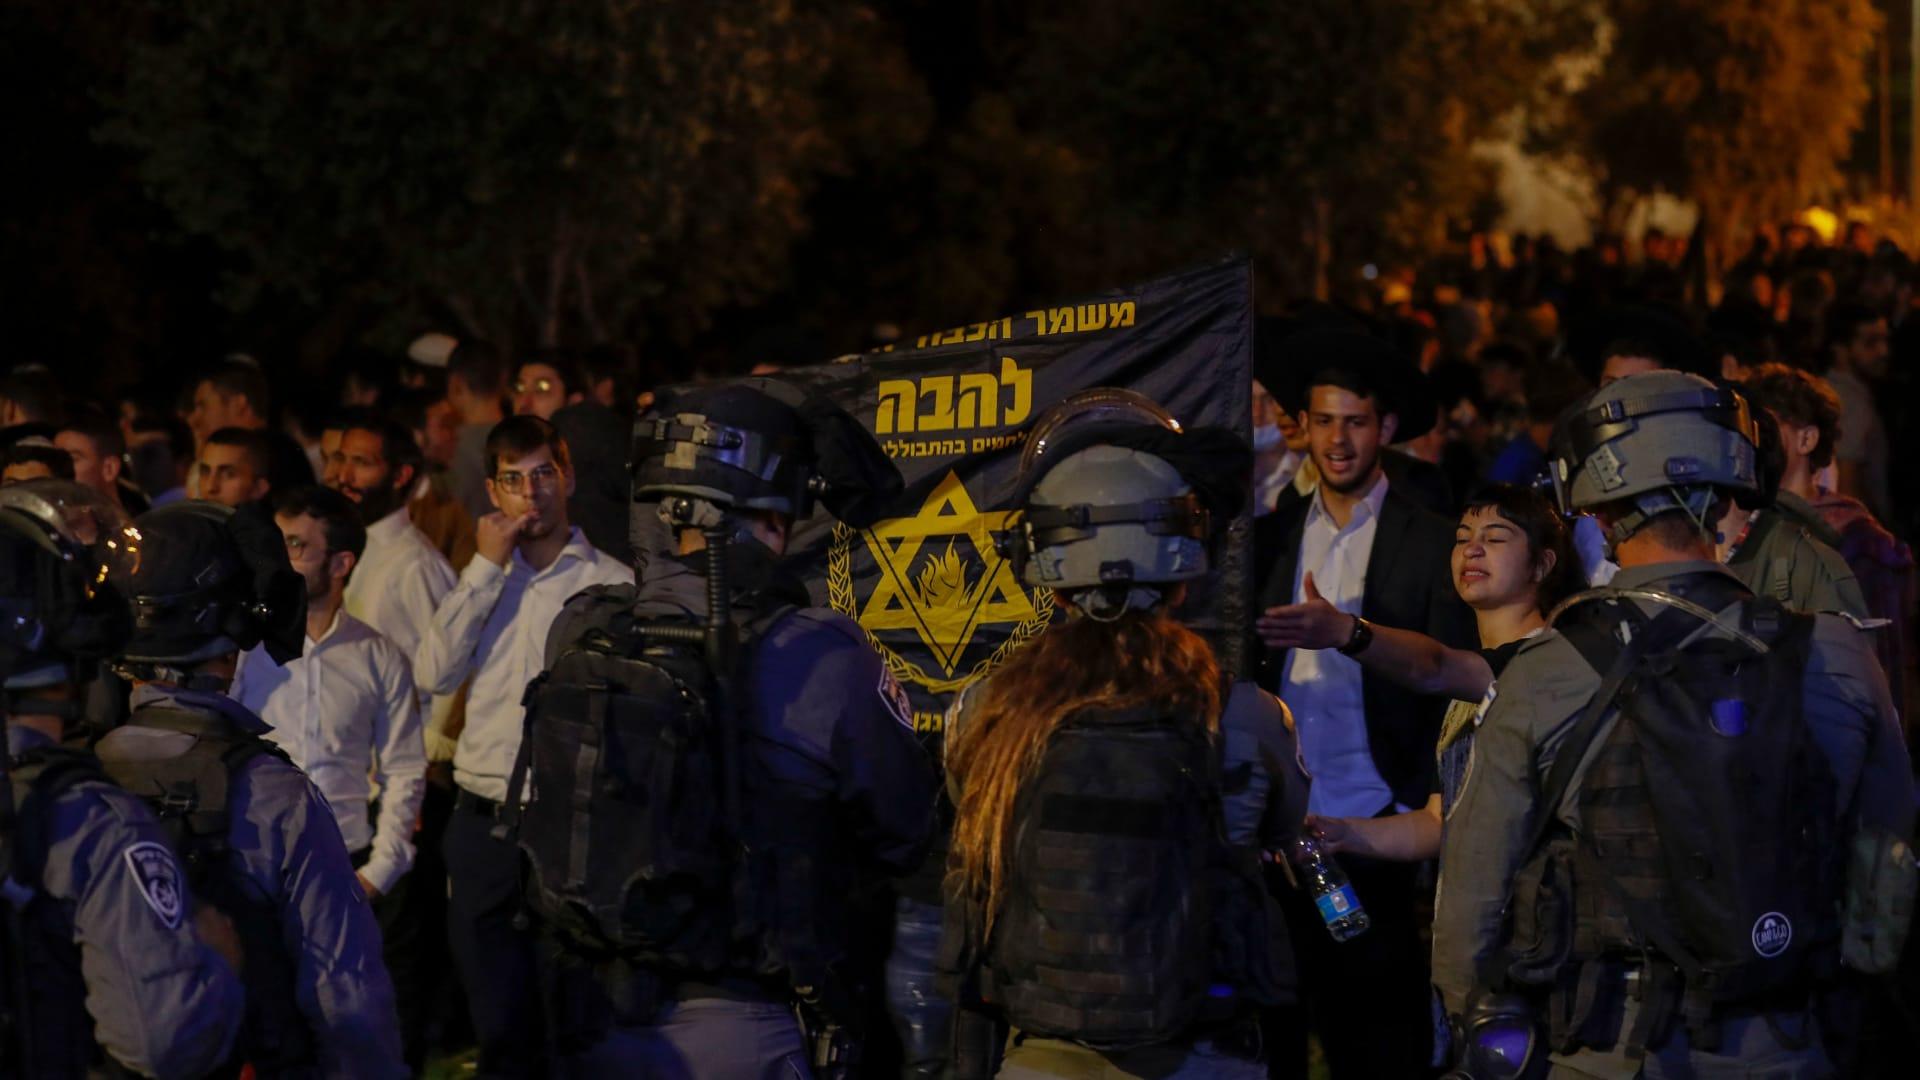 """هتافات """"الموت للعرب"""" وأحداث عنف عند """"بوابة دمشق"""".. هذا ما جرى في القدس بين الفلسطينيين واليهود"""